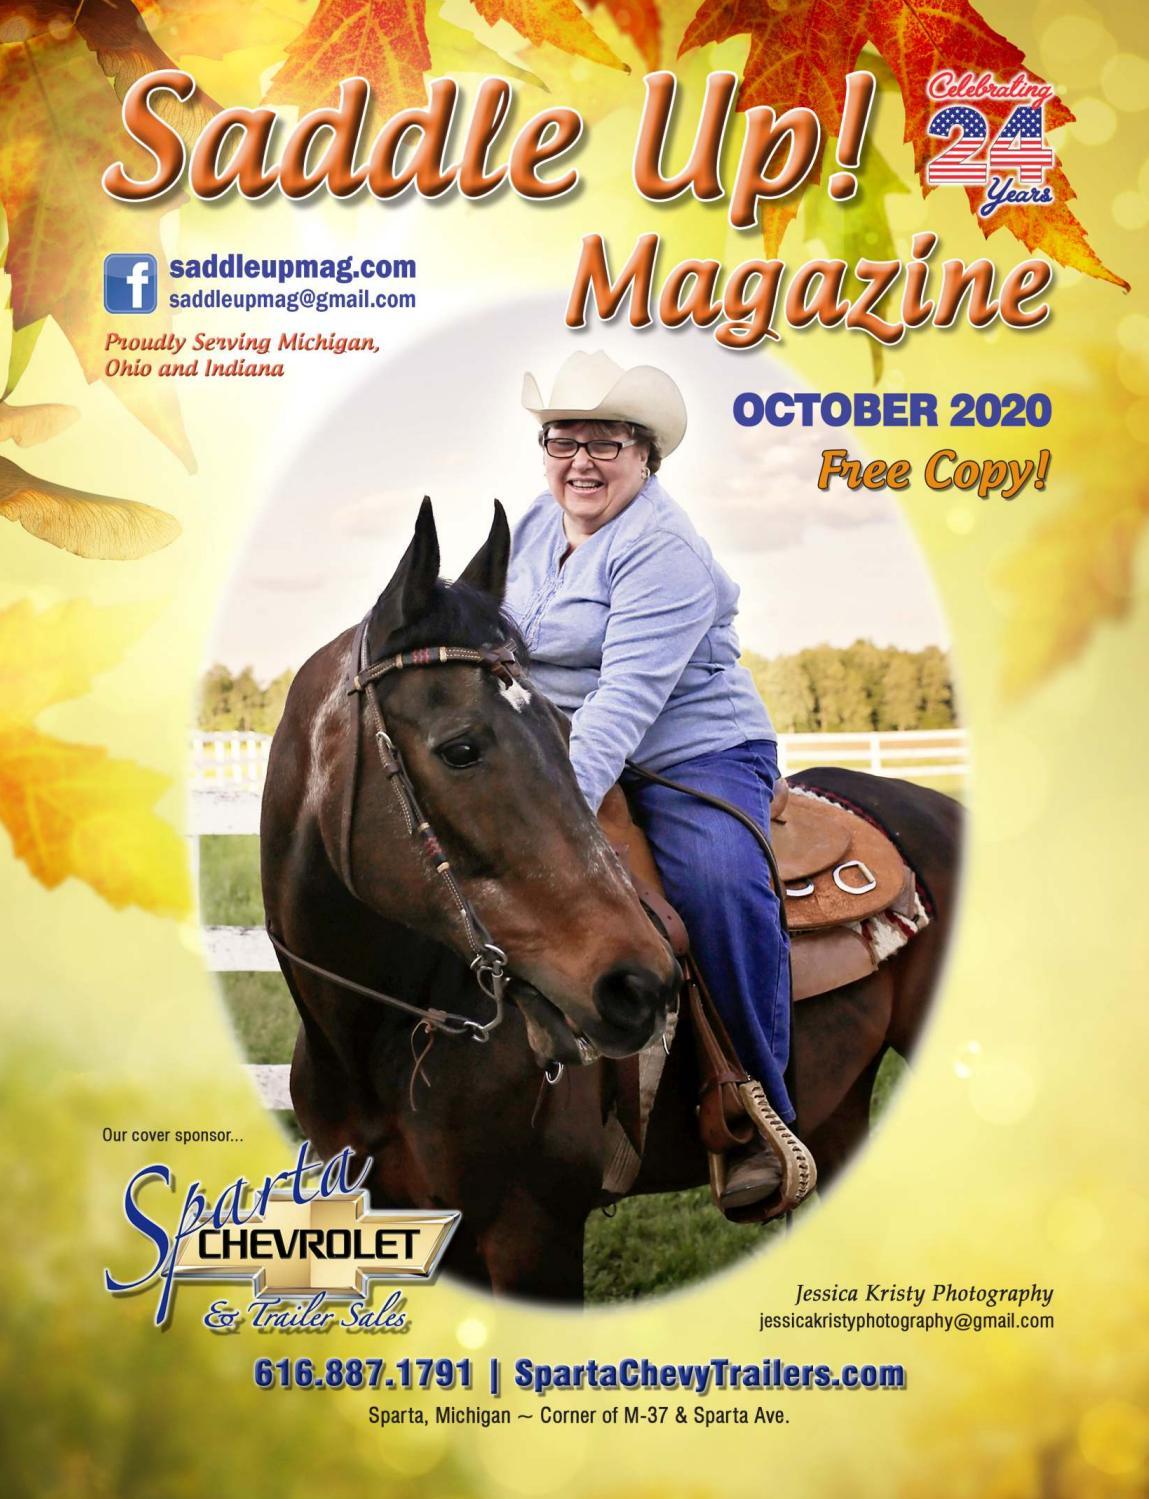 Crossroads Adrian Mi Christmas Baskets 2020 October 2020 Saddle Up! Magazine by Saddle Up! Magazine   issuu